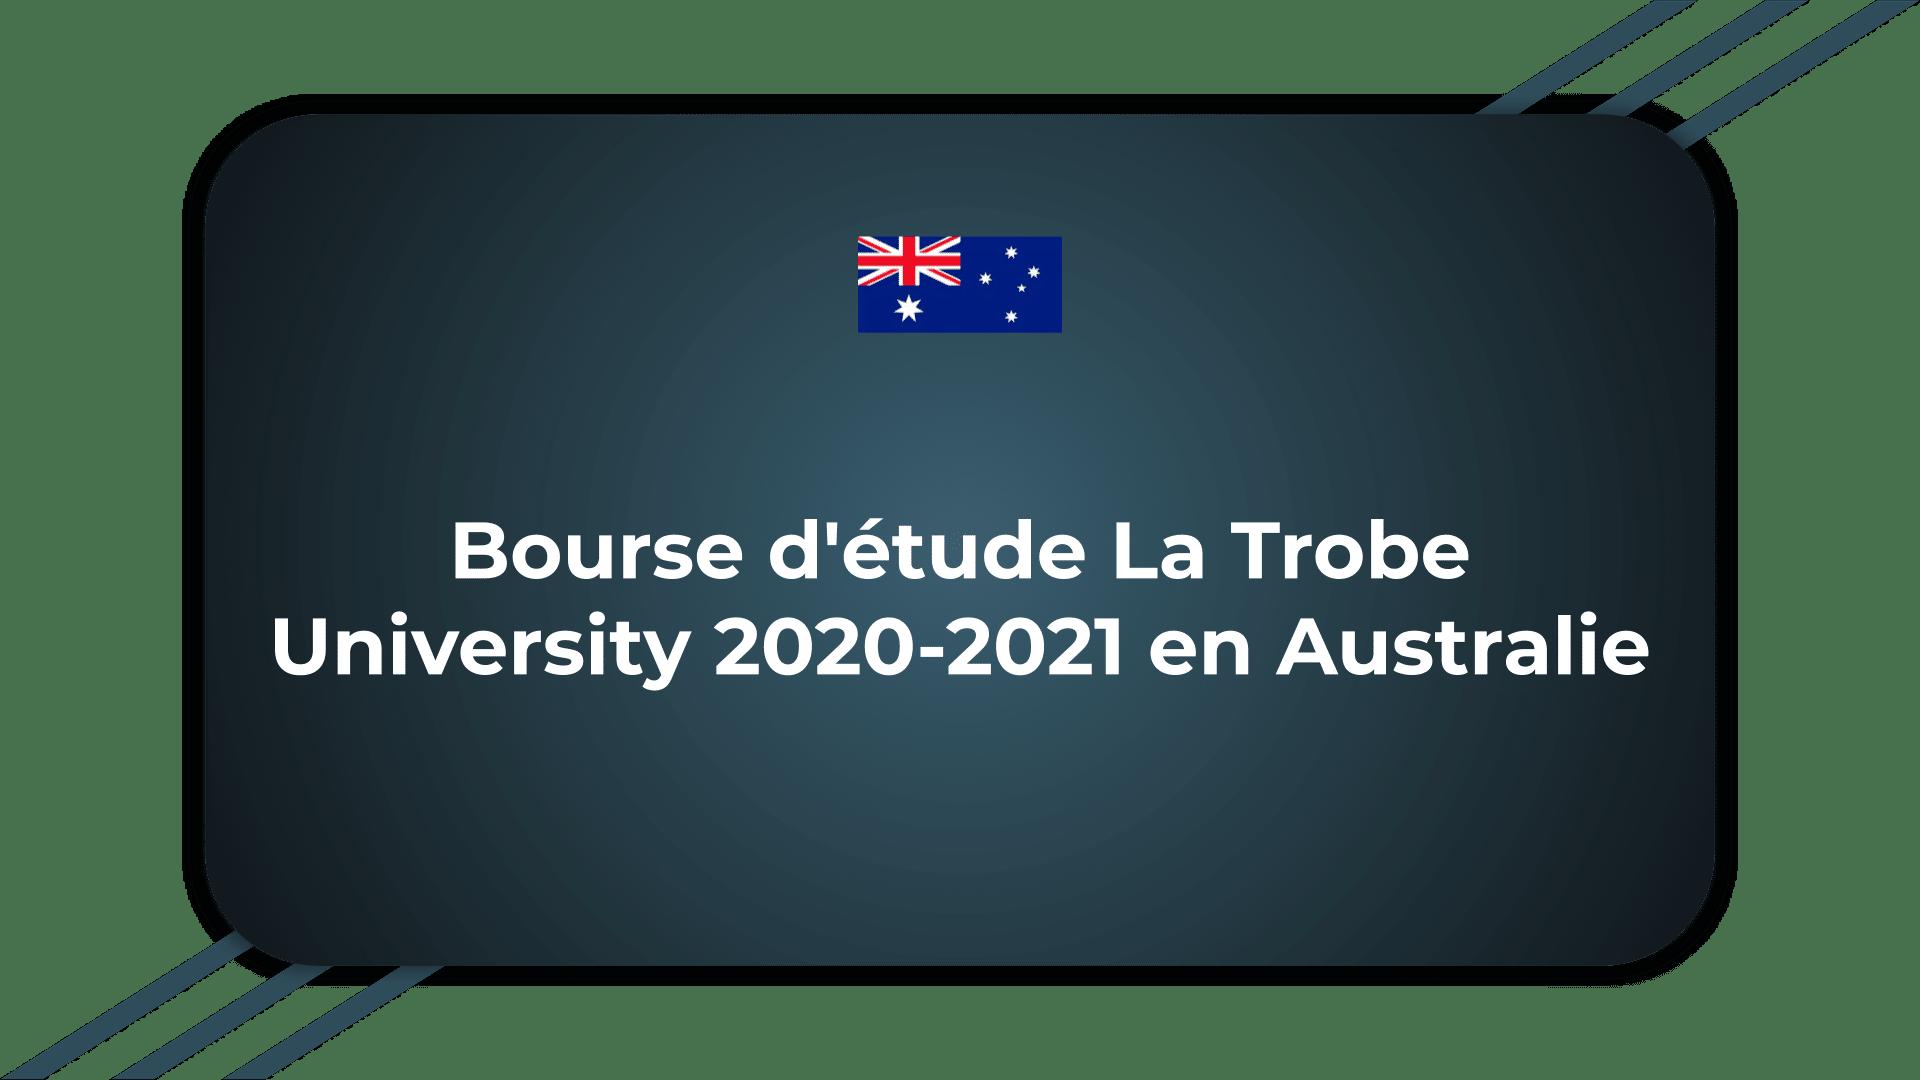 Bourse d'étude La Trobe University